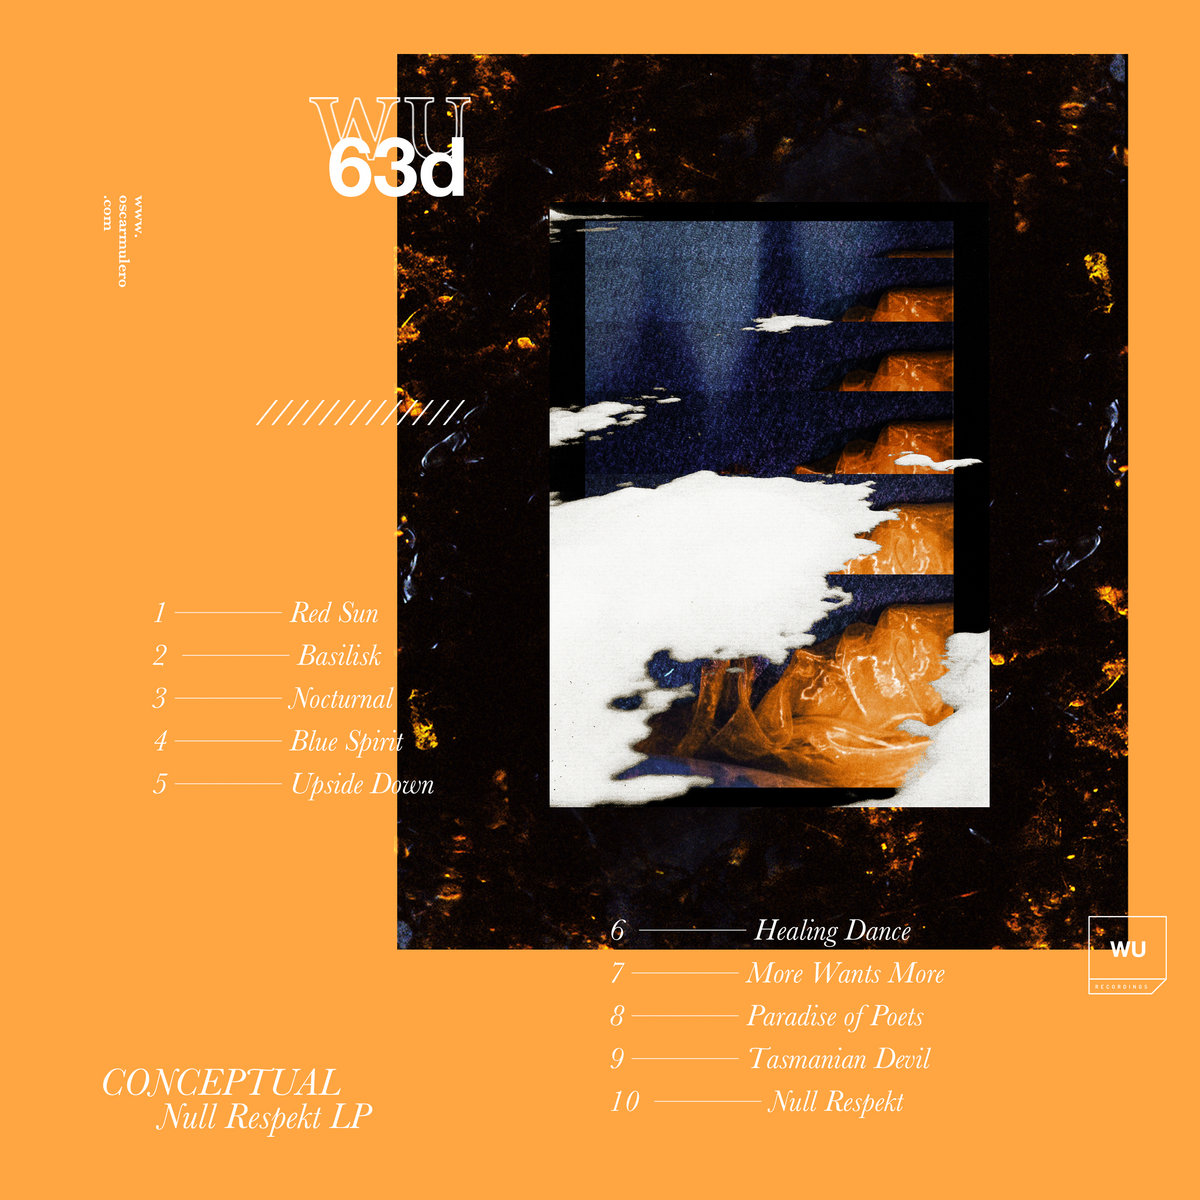 Null Respekt Lp Wu63d Conceptual Warm Up Recordings